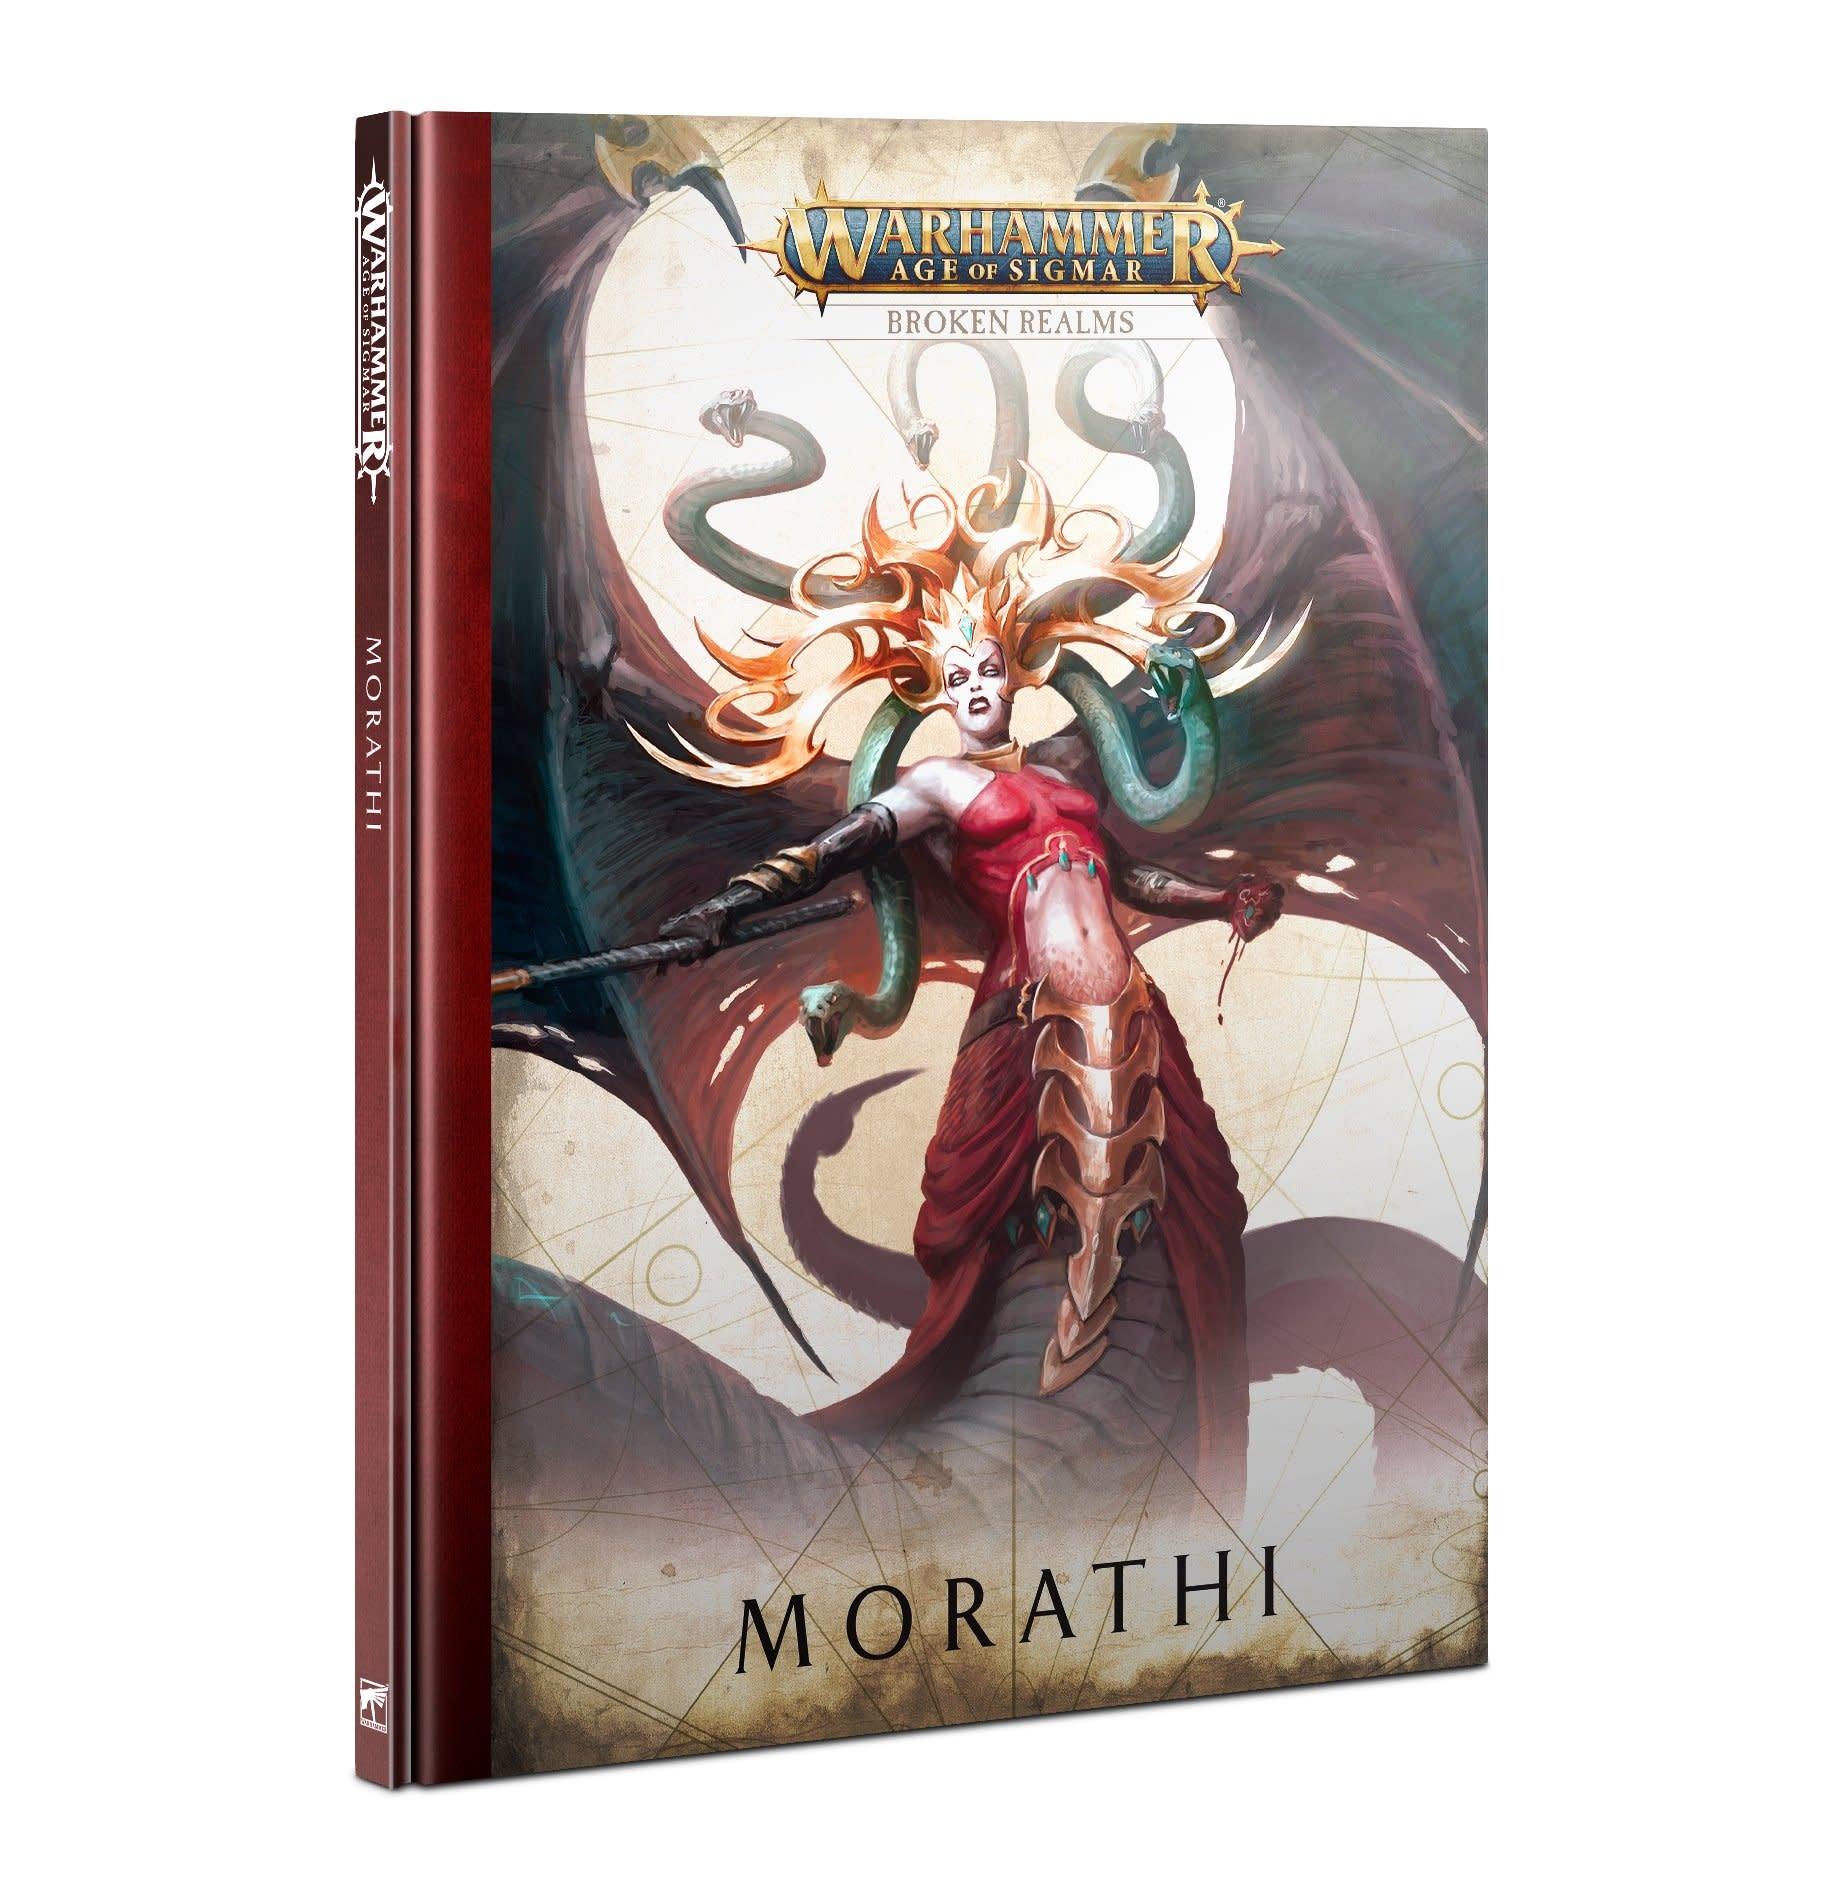 Games-Workshop Broken Realms: Morathi